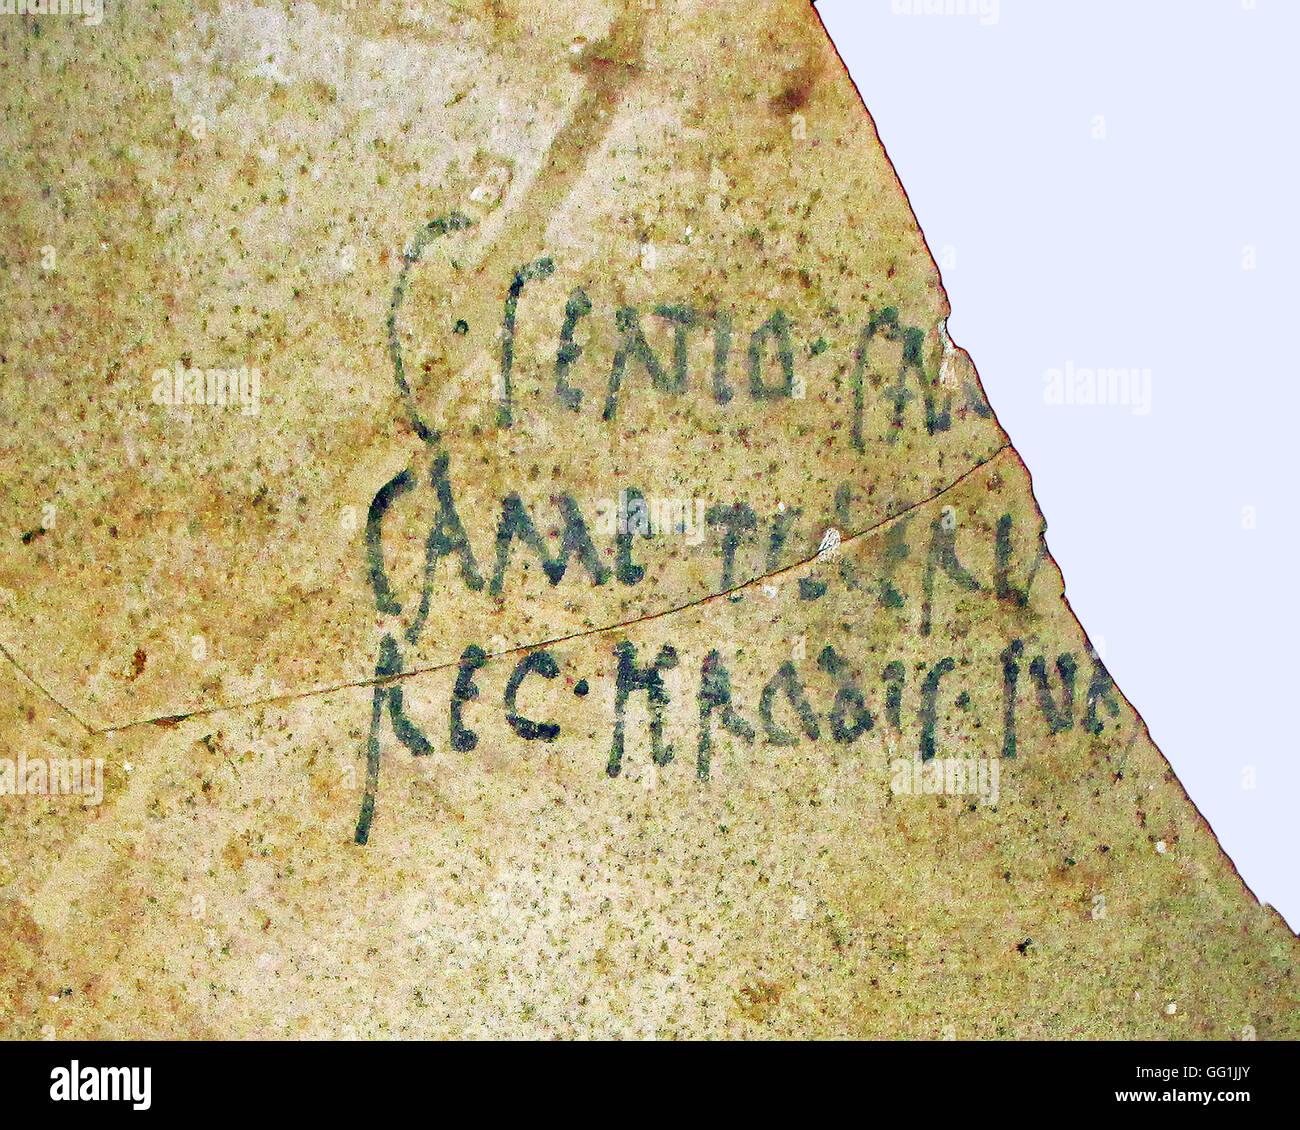 5875. Inscription latine sur une cruche de vin (amphora) indiquant que le vin a été acheté par le Photo Stock